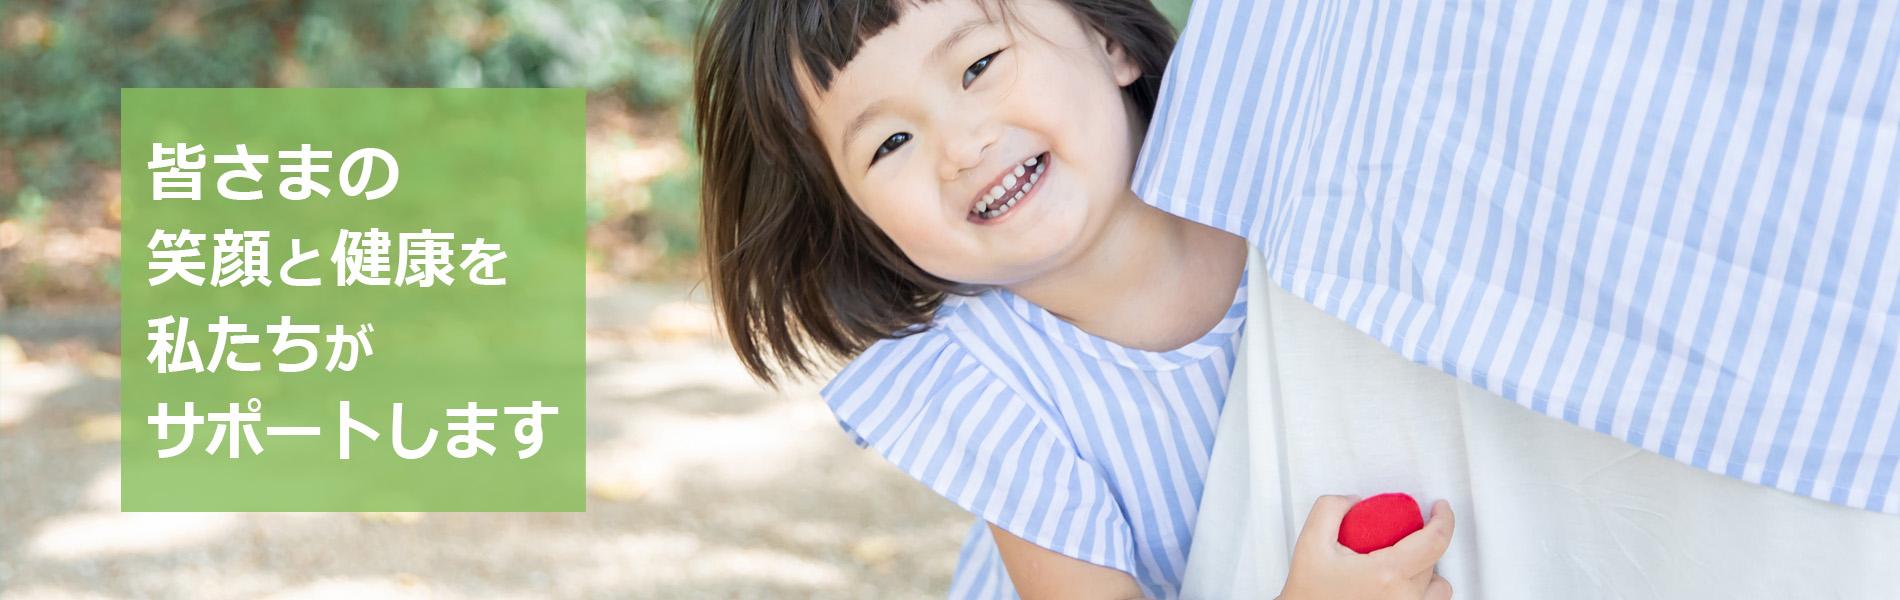 皆さまの笑顔と健康を私たちがサポートします